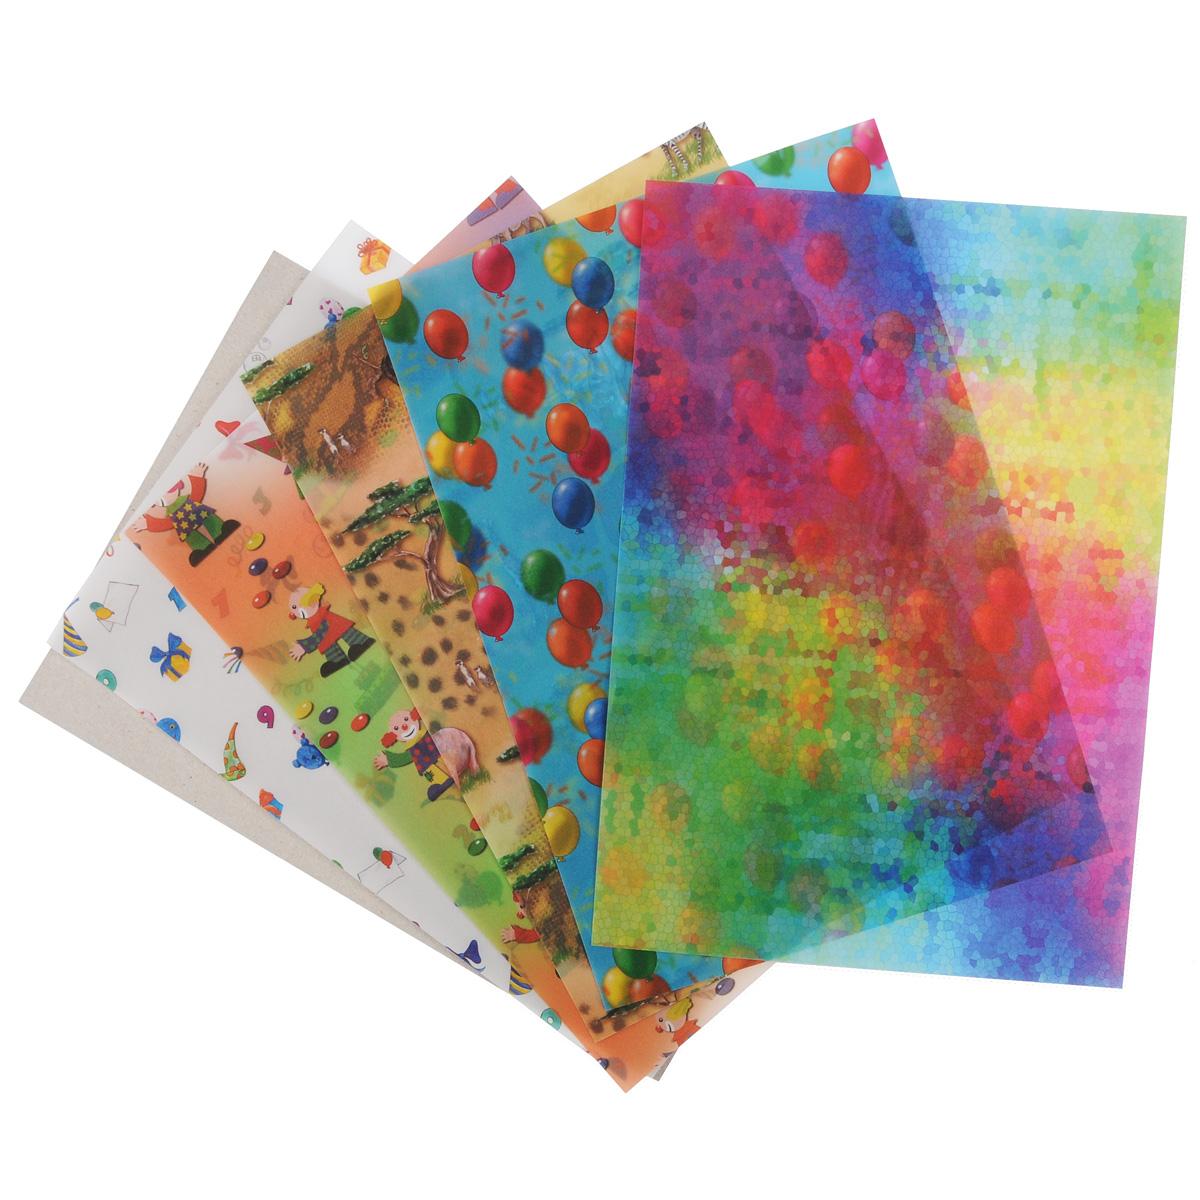 Транспарентная бумага Folia Дети, 23 x 33 см, 5 листов7708078Транспарентная бумага Folia Дети - полупрозрачная бумага с различными детскими изображениями. Используется для изготовления открыток, для скрапбукинга и других декоративных или дизайнерских работ. Бумага прекрасно держит форму, не пачкает руки, отлично крепится. Конструирование из транспарентной бумаги - необходимый для развития детей процесс. Во время занятия аппликацией ребенок сумеет разработать четкость движений, ловкость пальцев, аккуратность и внимательность. Кроме того, транспарентная бумага позволит разнообразить идеи ребенка при создании творческих работ.